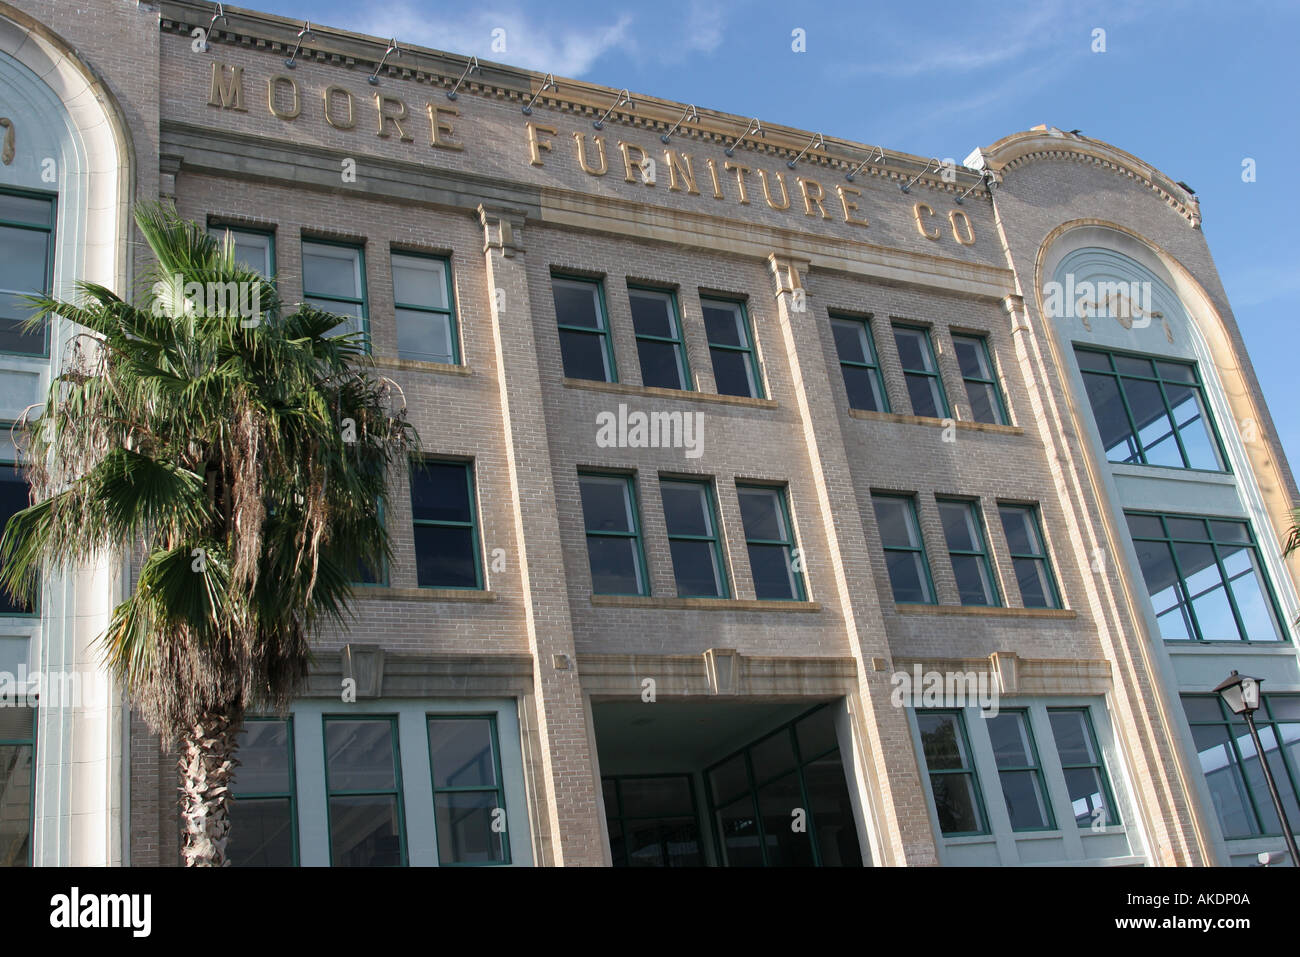 Miami Florida Design District Moore Furniture Company Restored Historic  Building